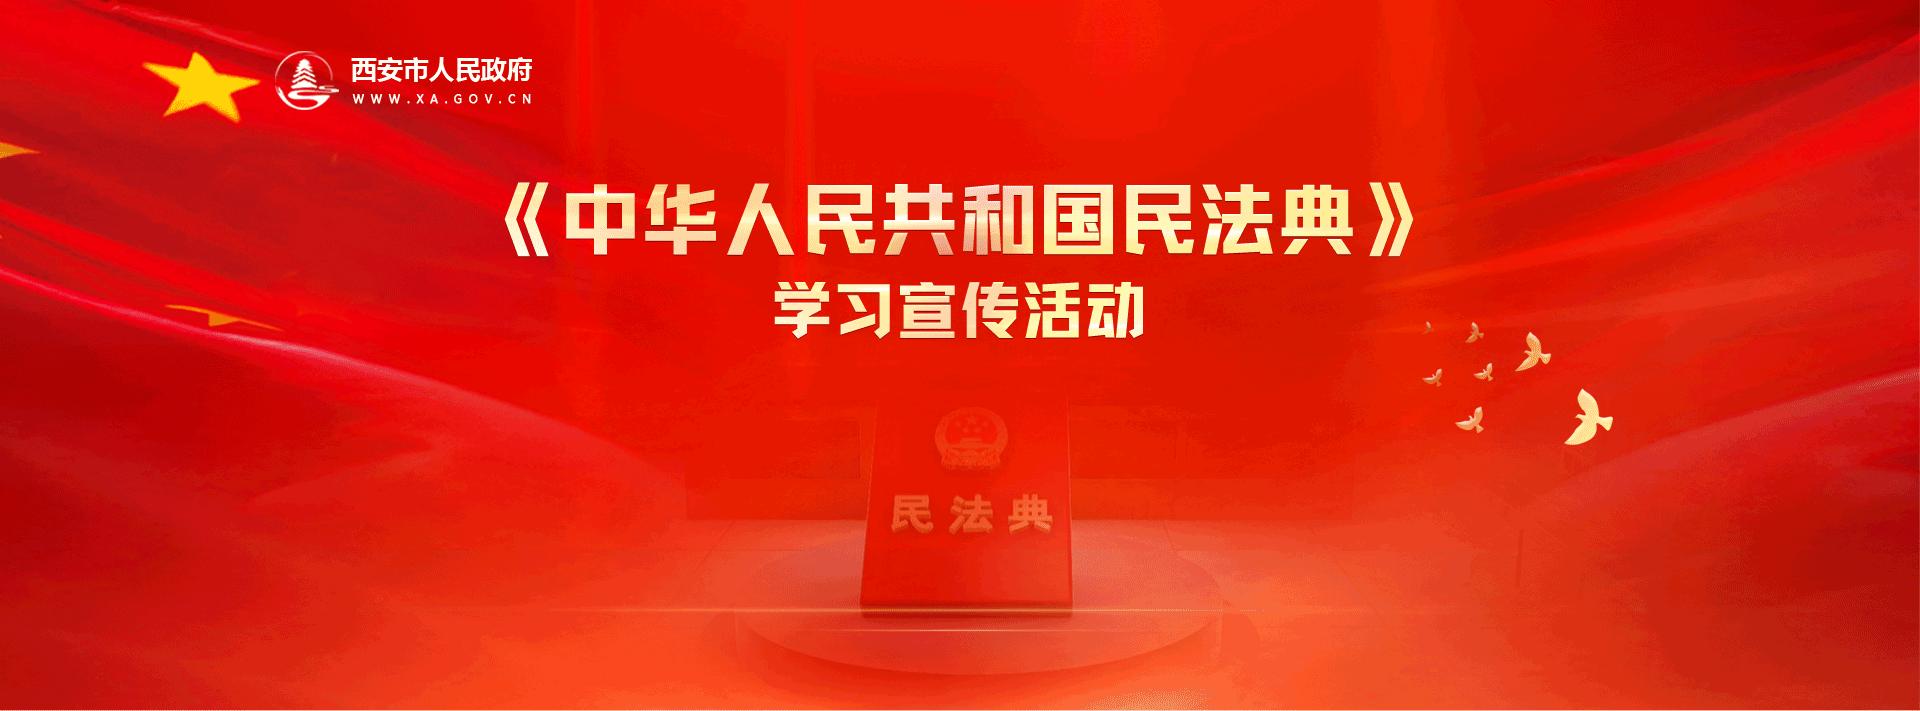 《中华人民共和国民法典》学习宣传活动